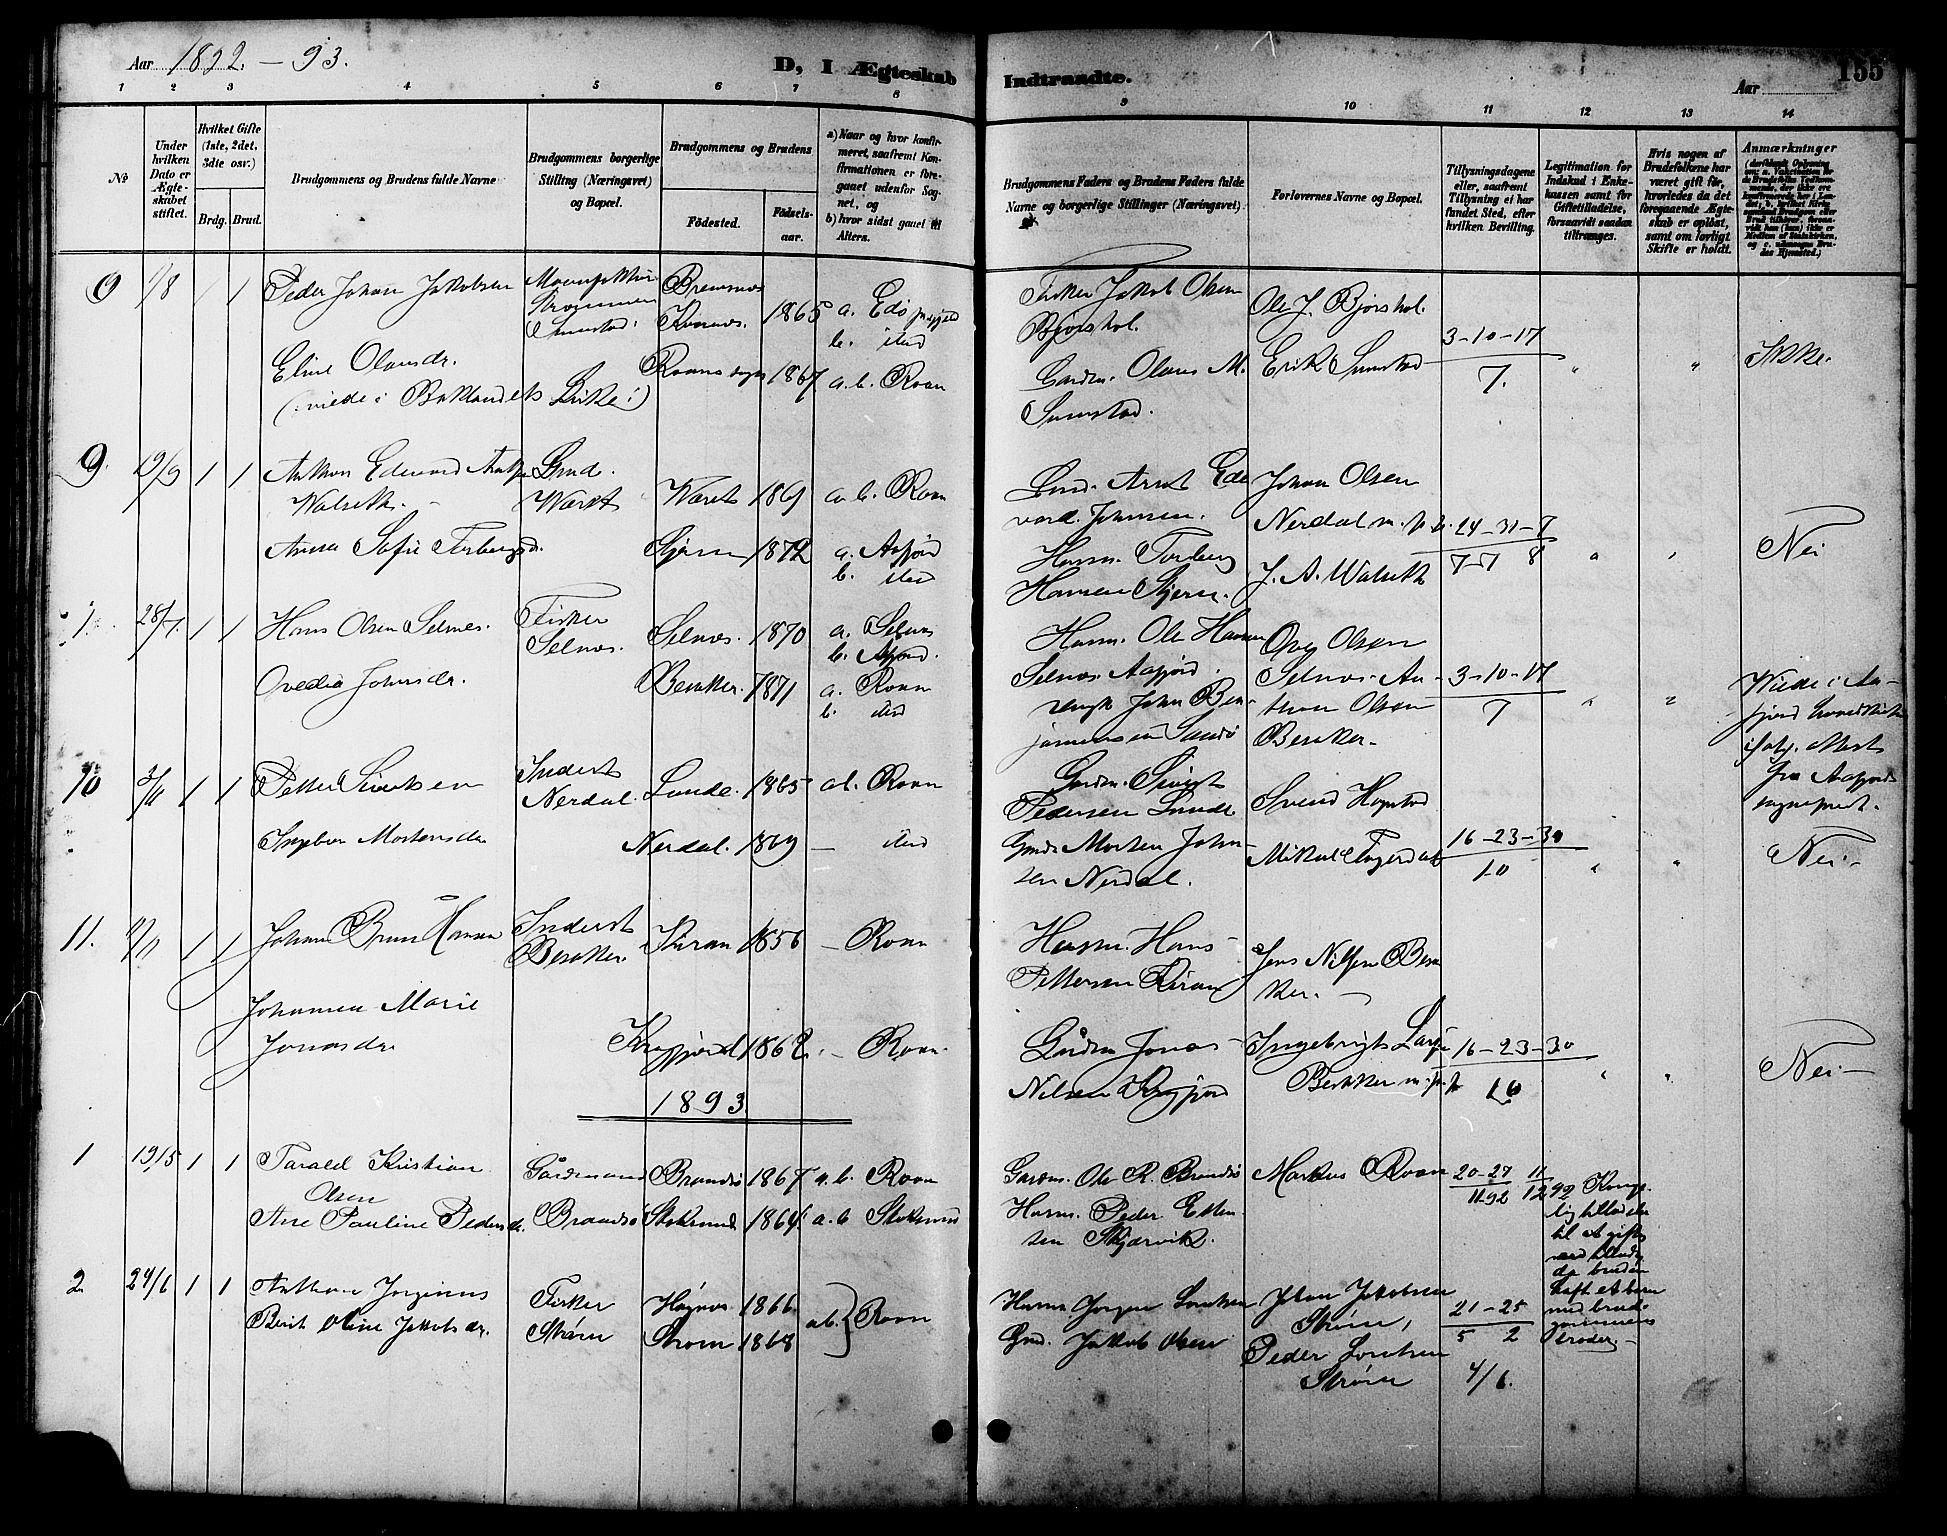 SAT, Ministerialprotokoller, klokkerbøker og fødselsregistre - Sør-Trøndelag, 657/L0716: Klokkerbok nr. 657C03, 1889-1904, s. 155